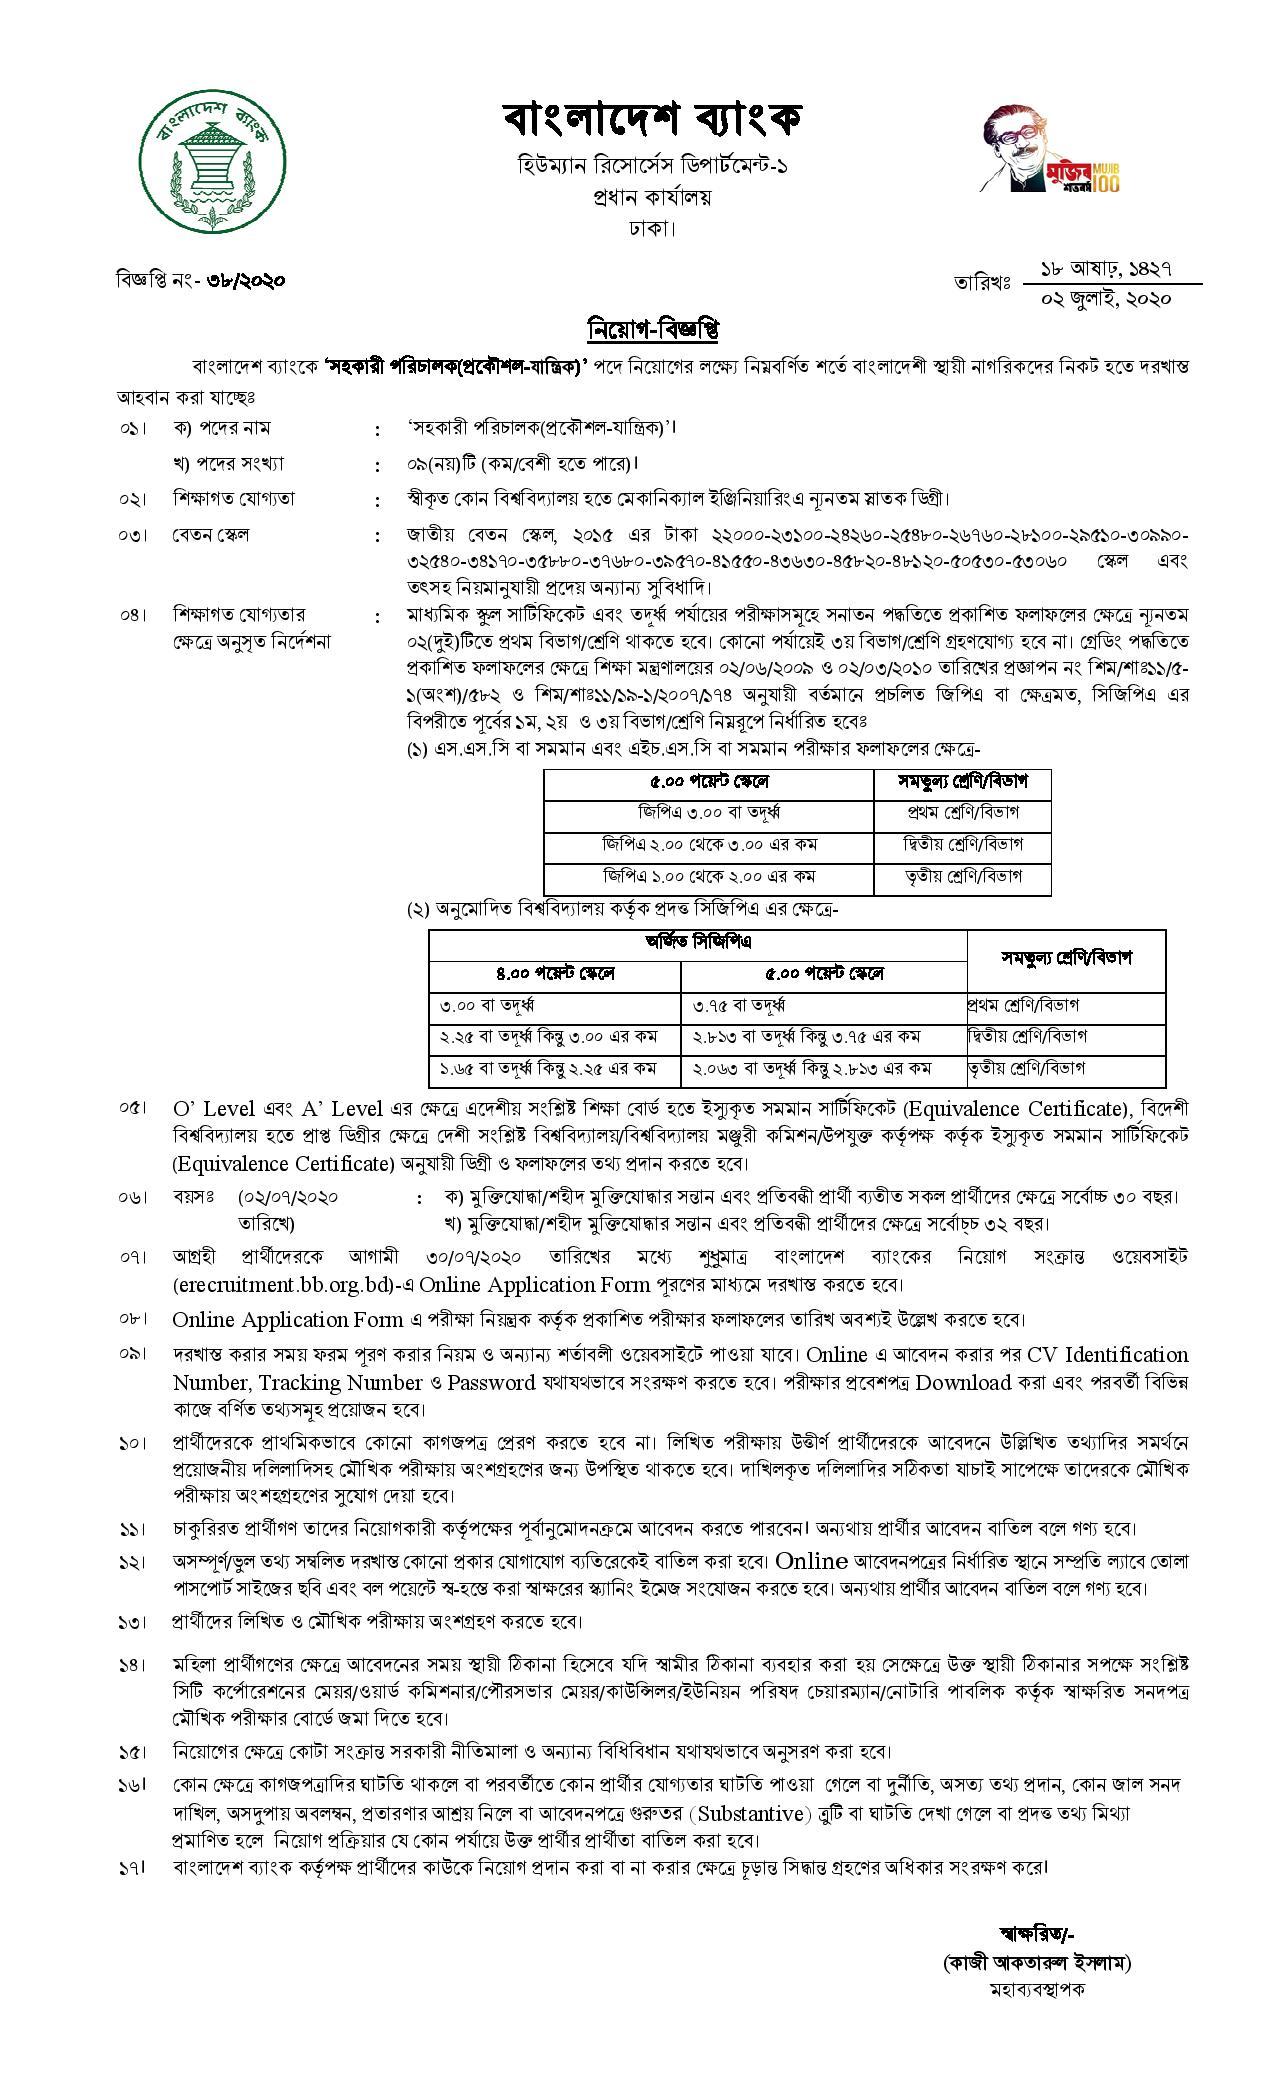 Bangladesh Bank Published Job Circular 2020 1